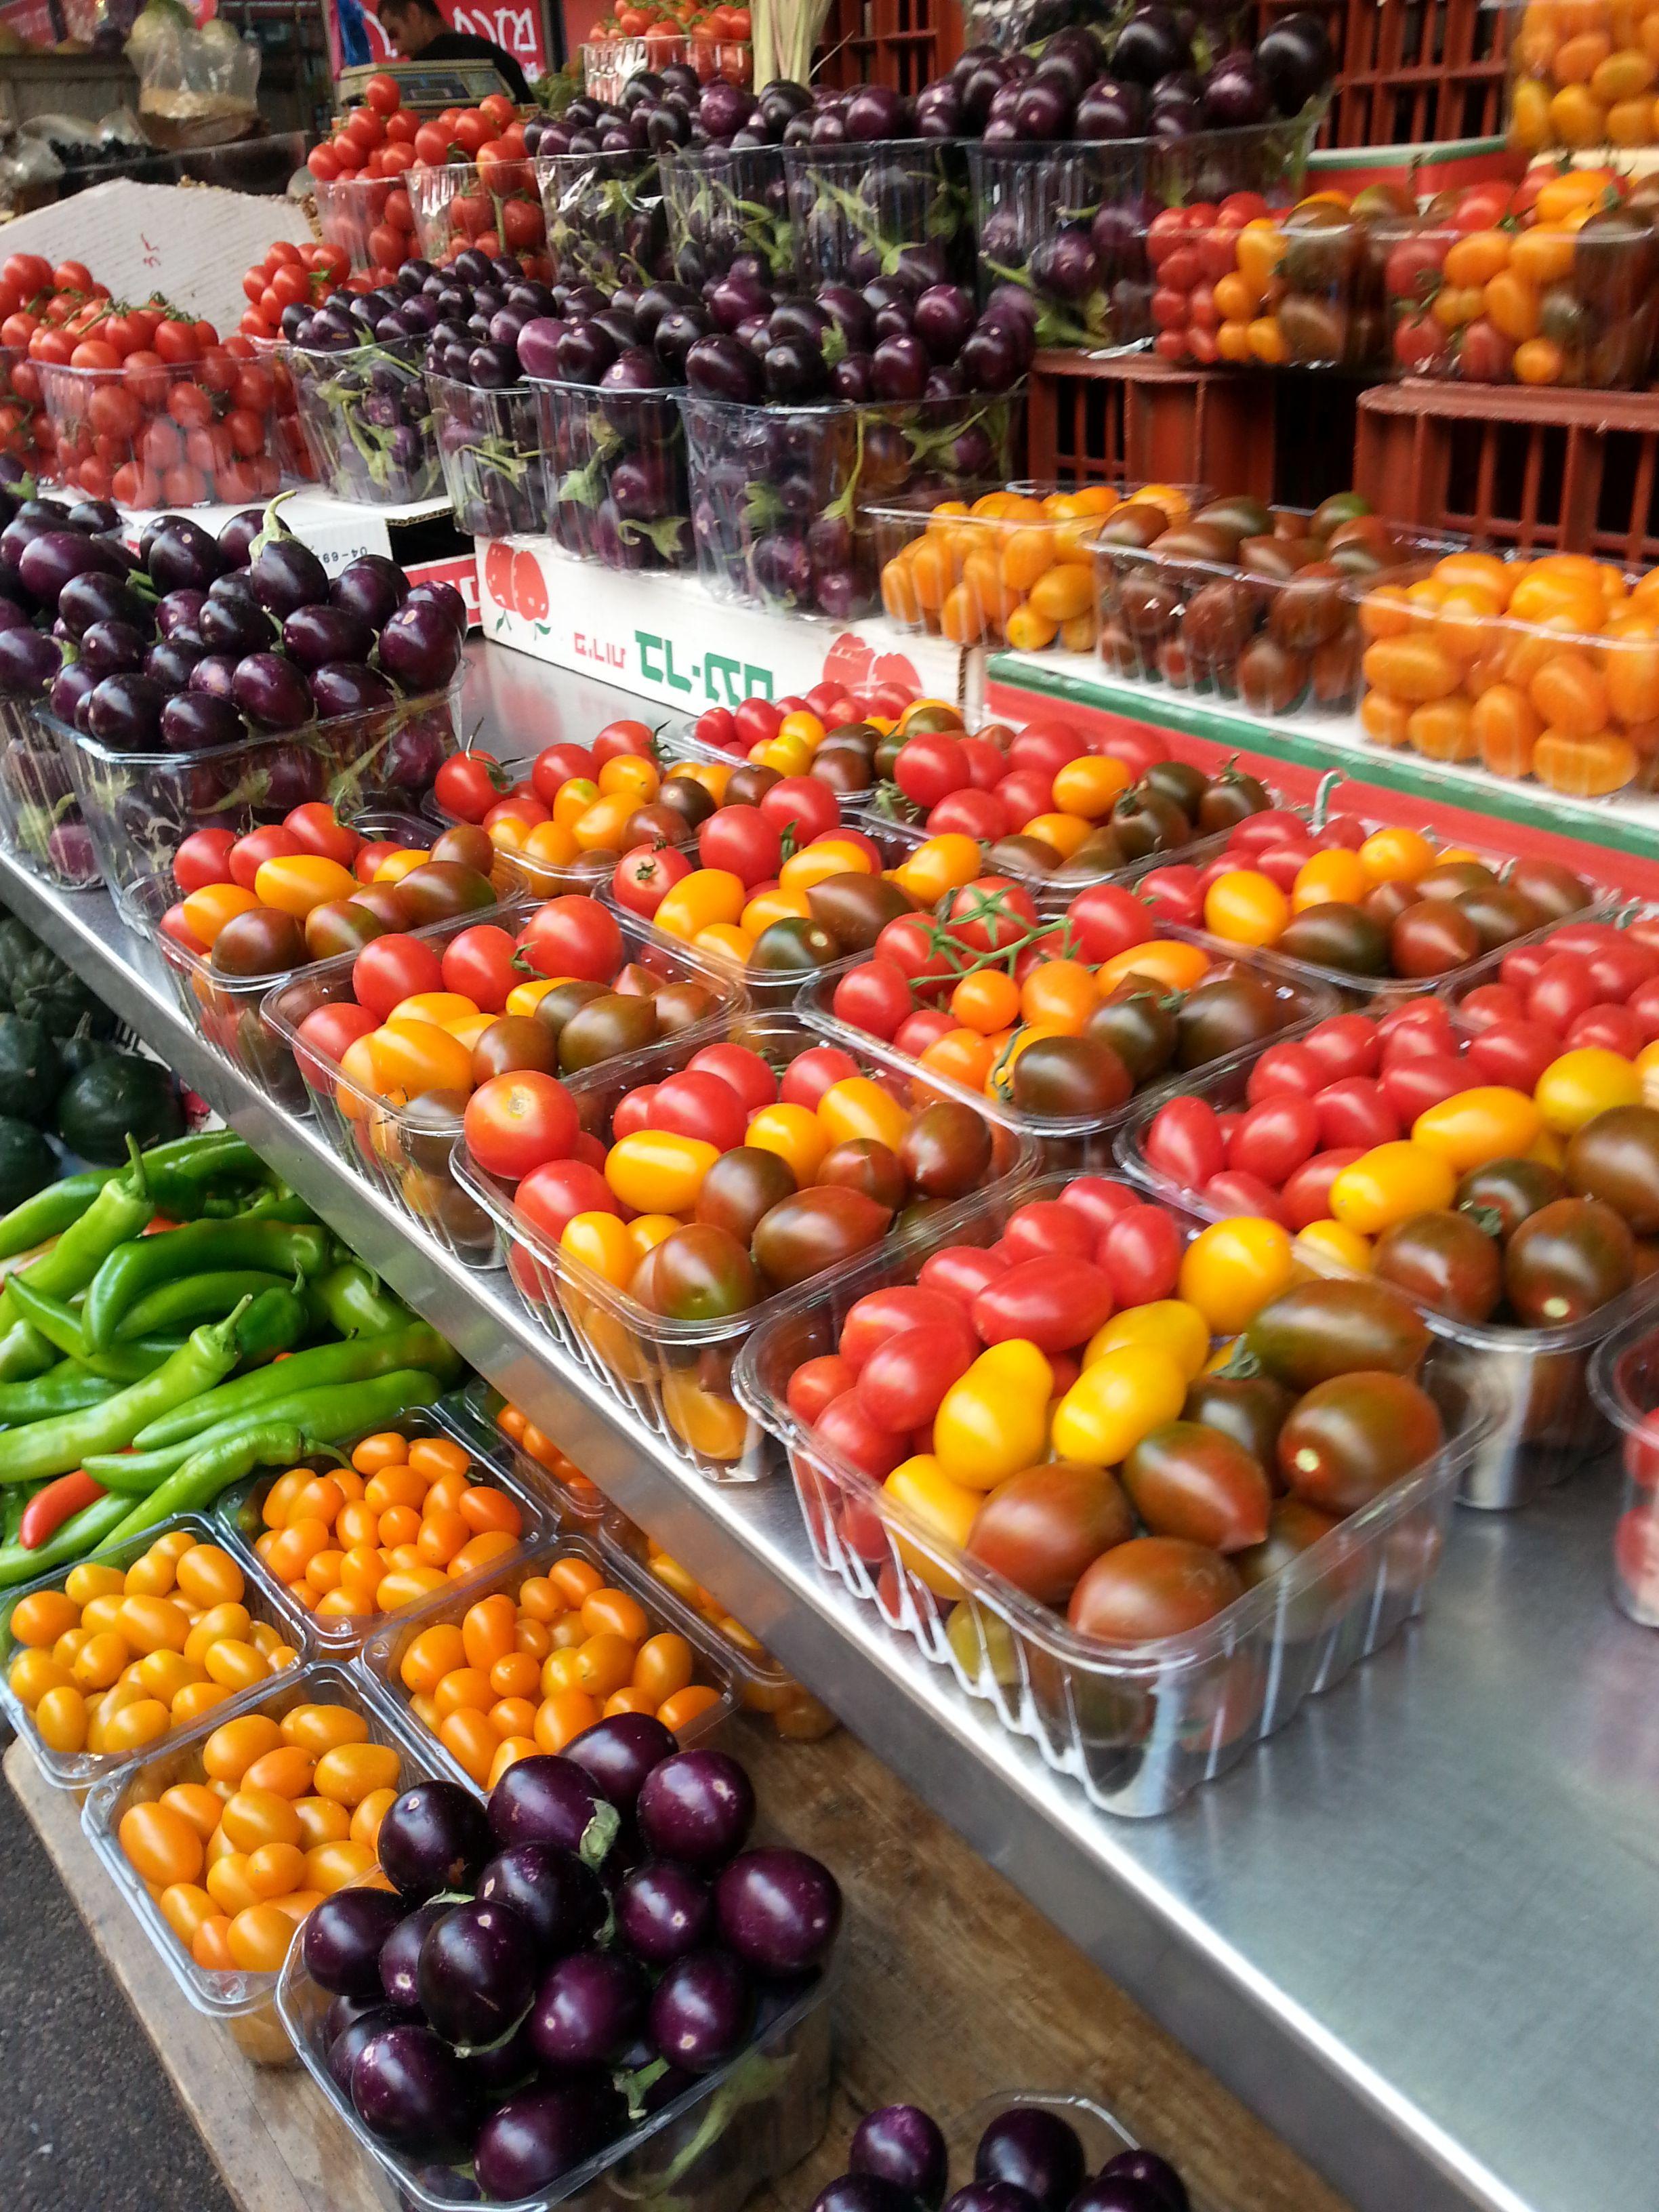 שוק הכרמל... אין סוף של סוגי עגבניות יש אצלנו.. in 2019